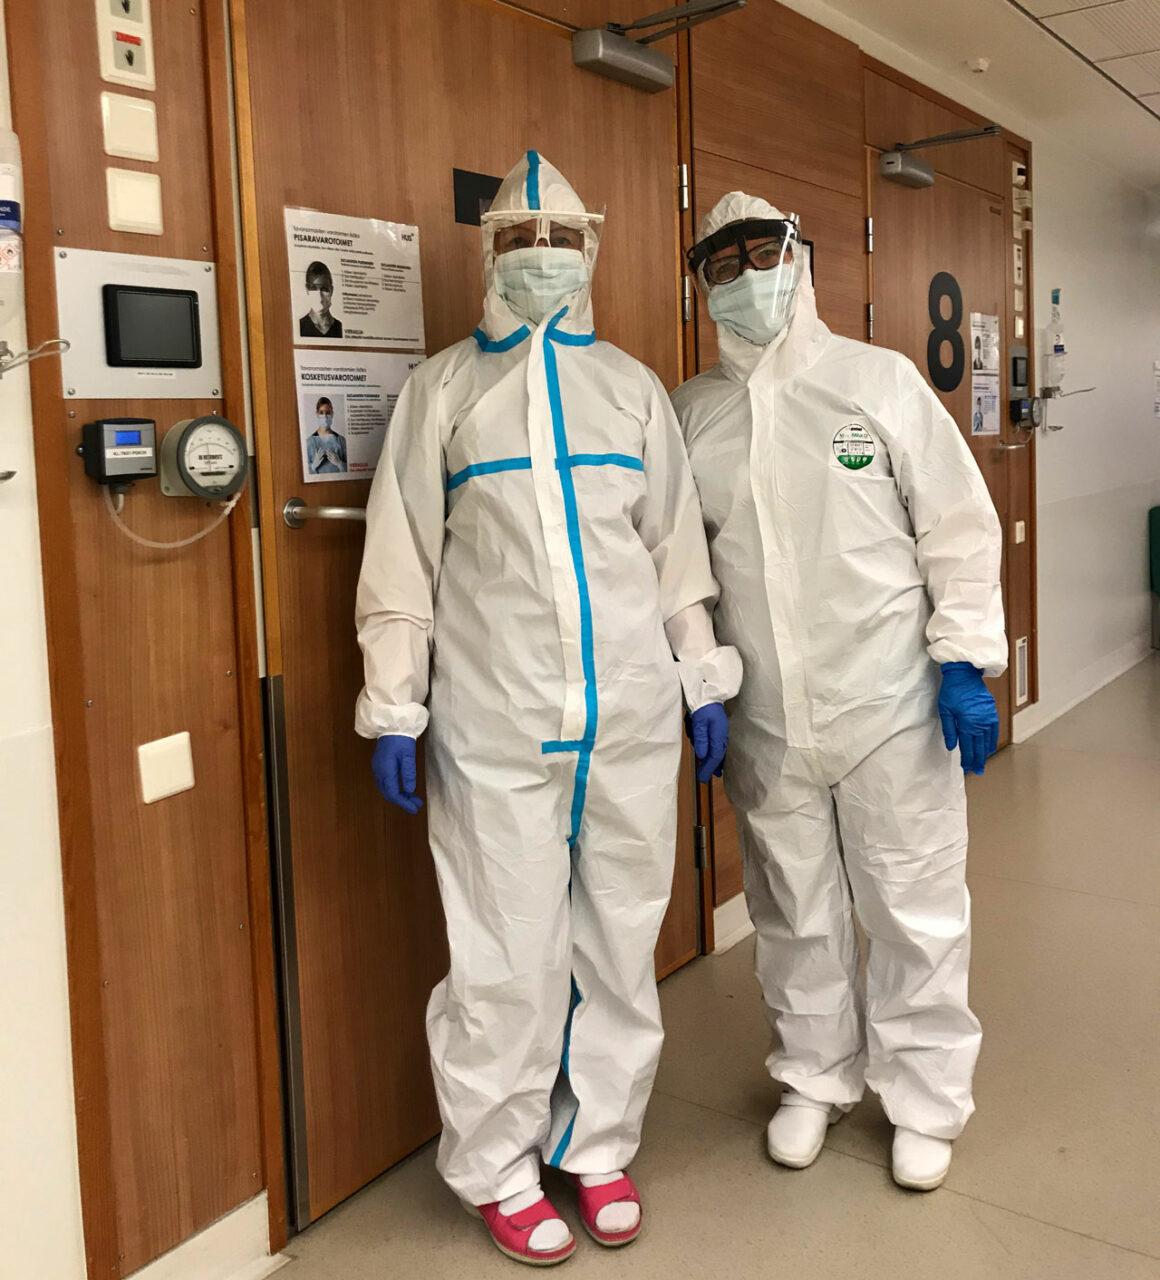 JHL-anslutna närvårdaren Sofia Salokorpi och specialsjukskötaren Leena Timonen iklädda skyddsoverall med kapuschong, kirurgisk mask, visir och gummihandskar..